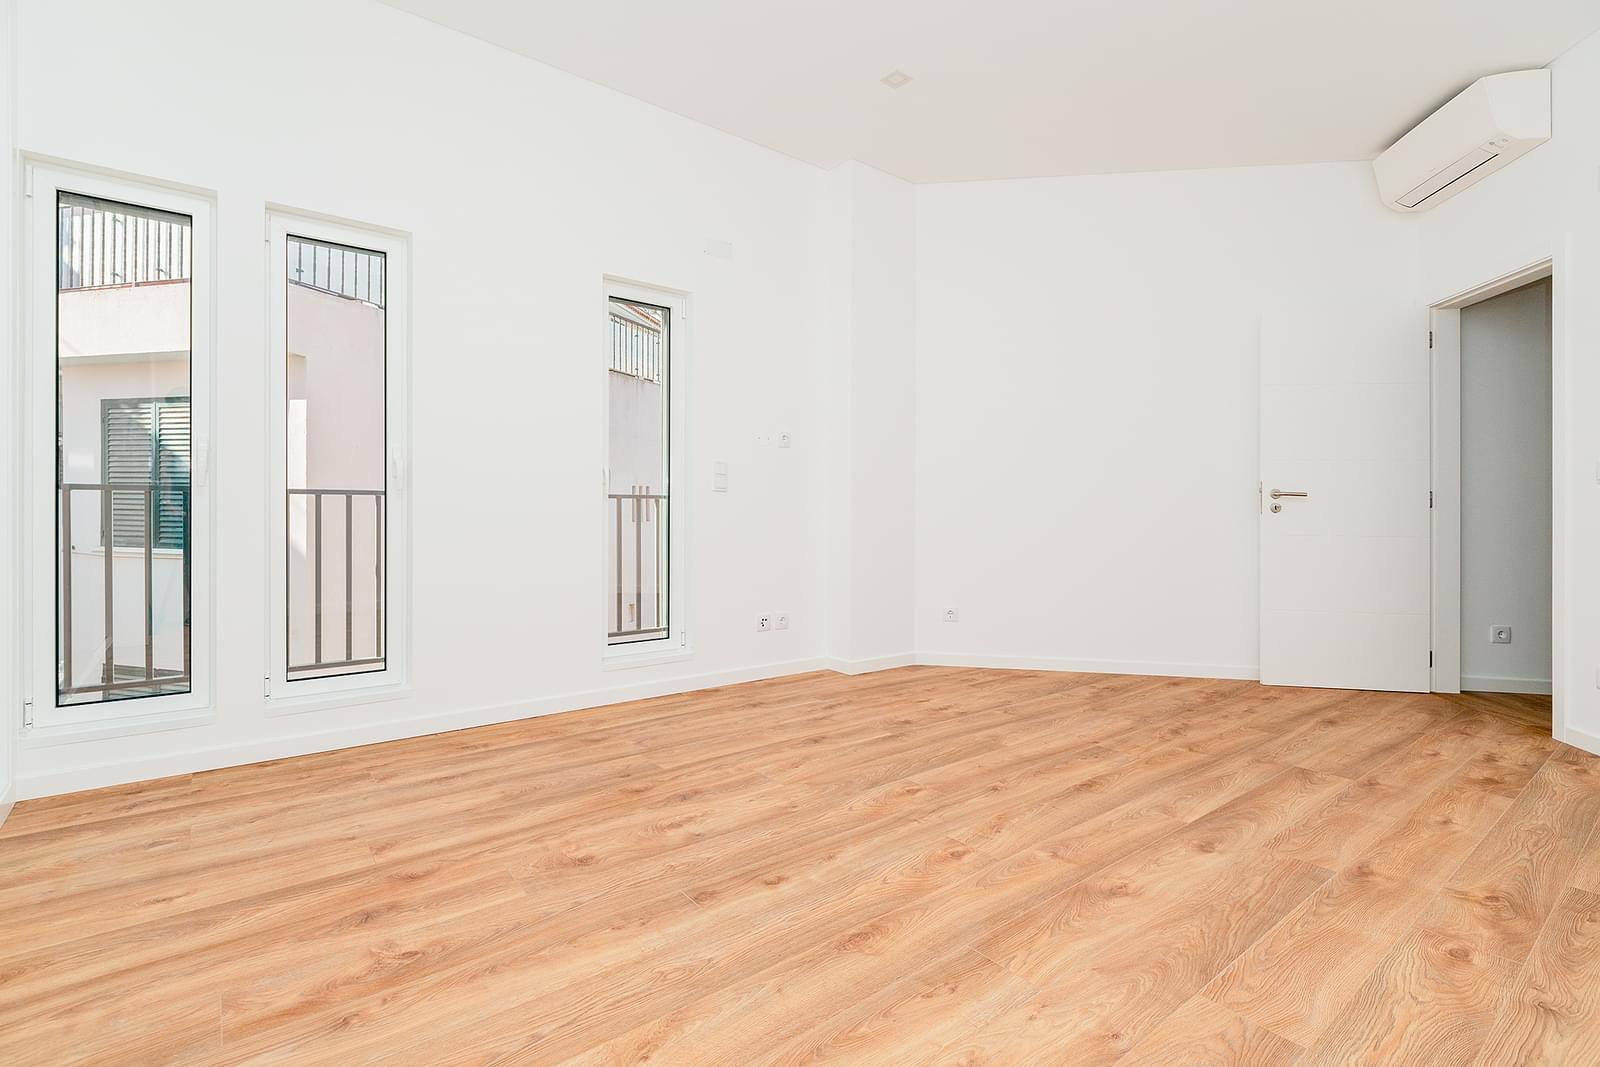 pf18413-apartamento-t1-lisboa-40d65345-f4d9-40ee-abd8-9db9a8b01a36